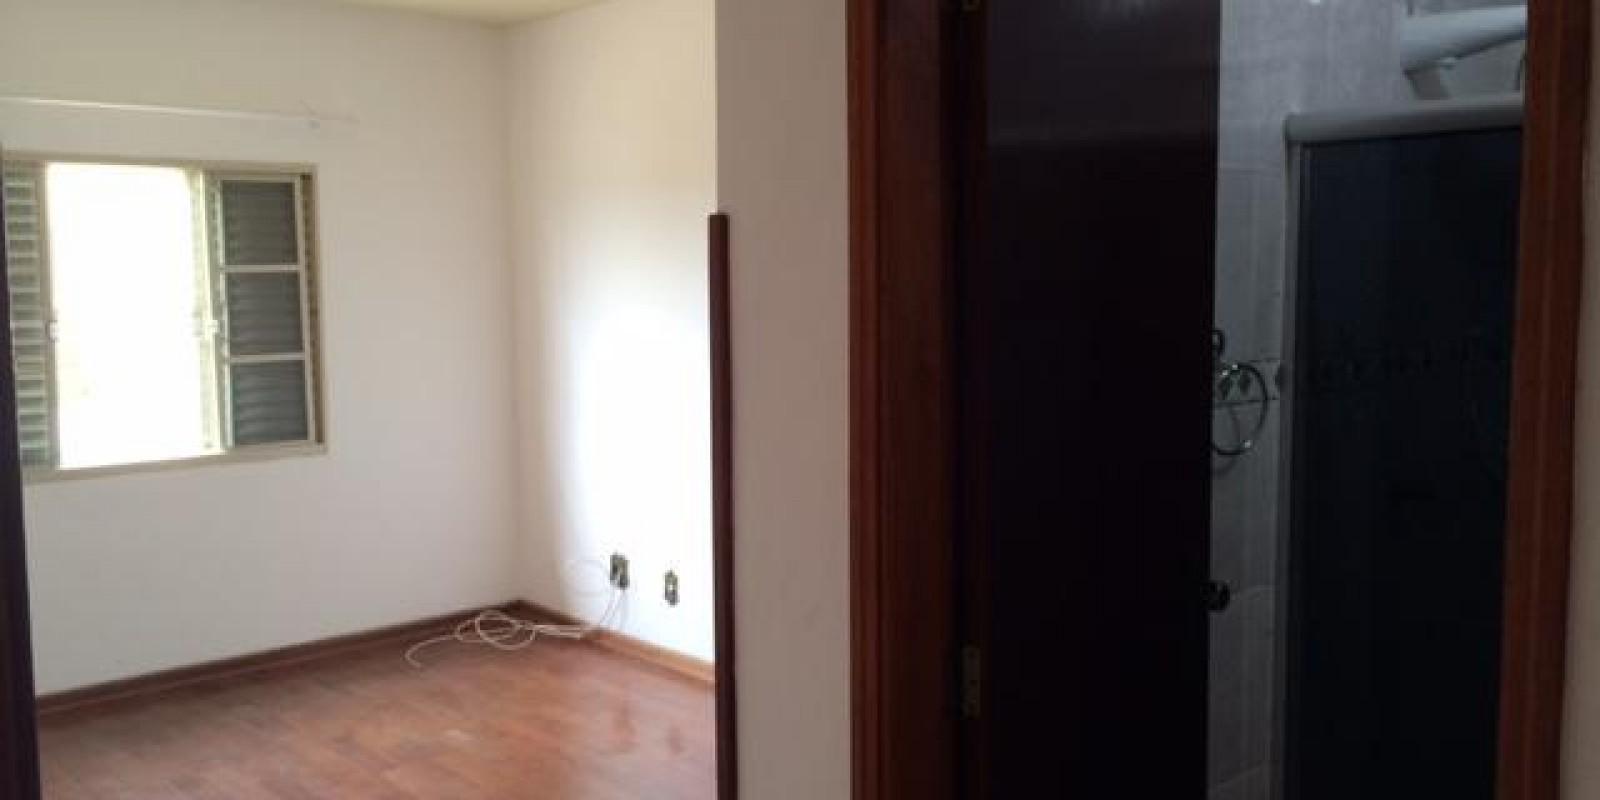 Casa no Condomínio Fechado em Avaré SP - Foto 14 de 17